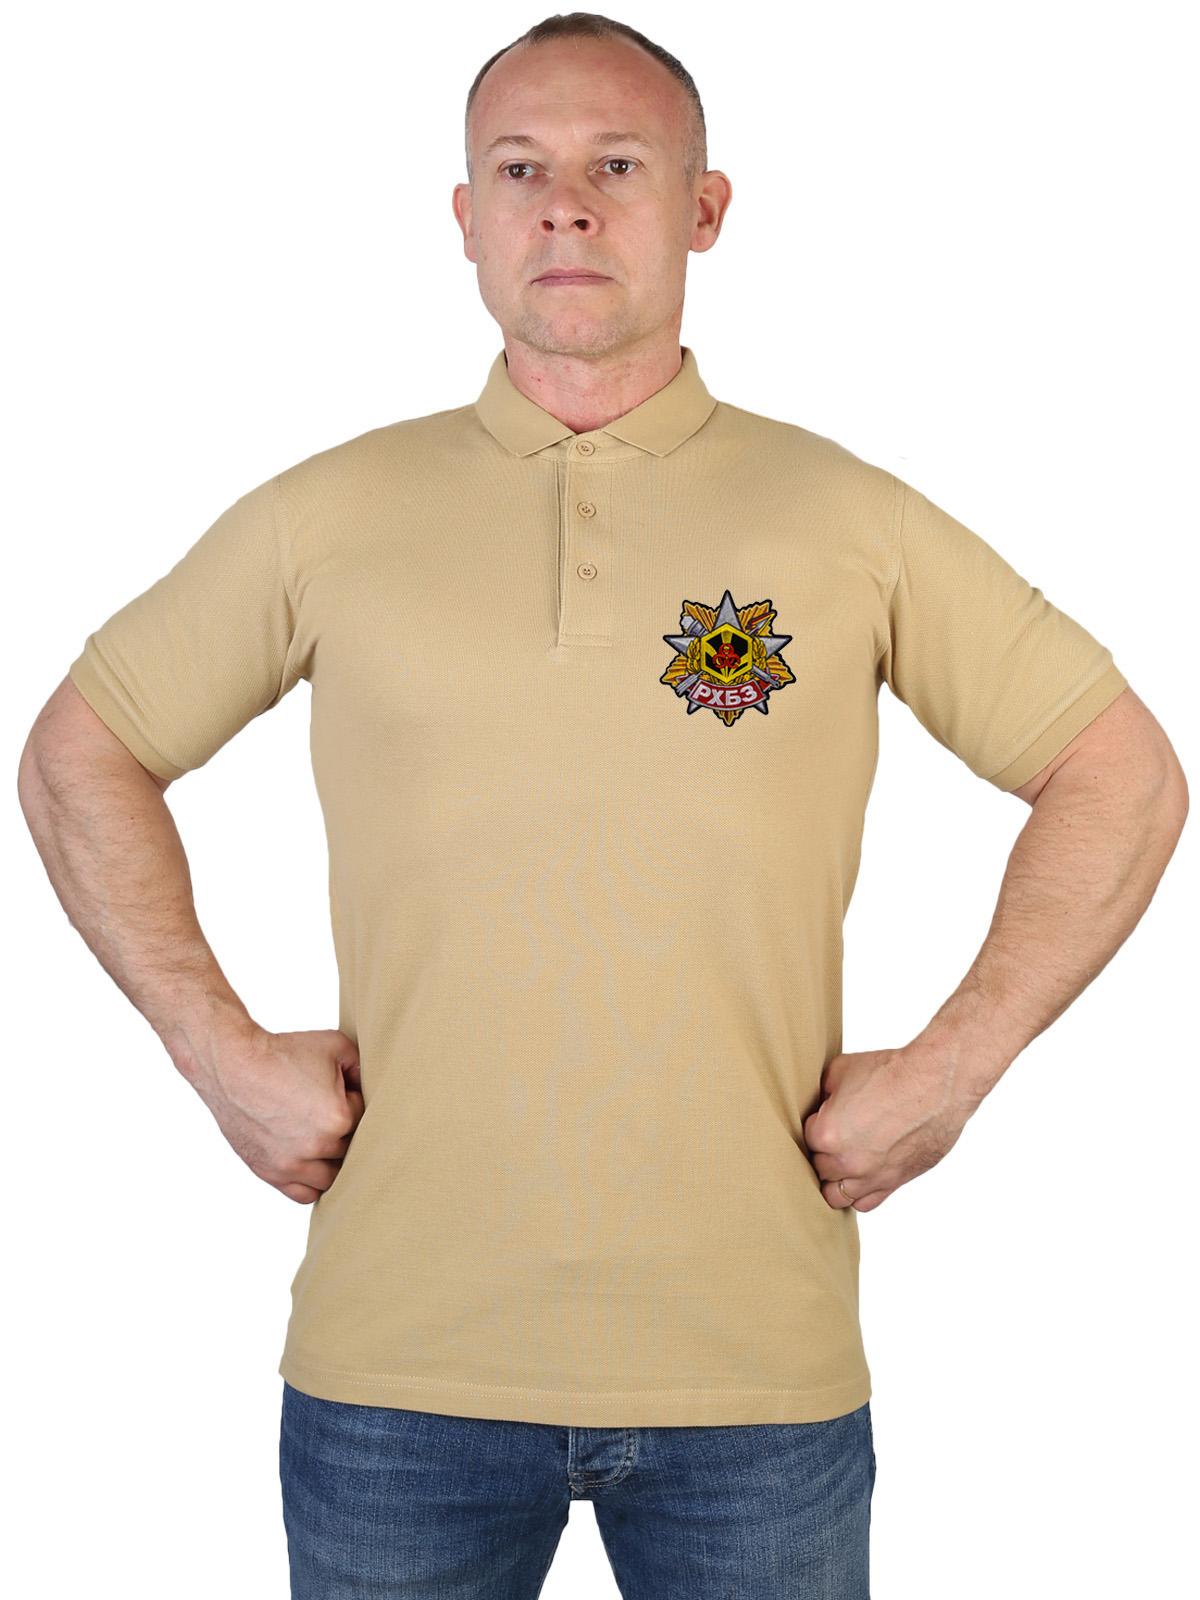 Купить крутую песочную футболку-поло с вышивкой РХБЗ с доставкой